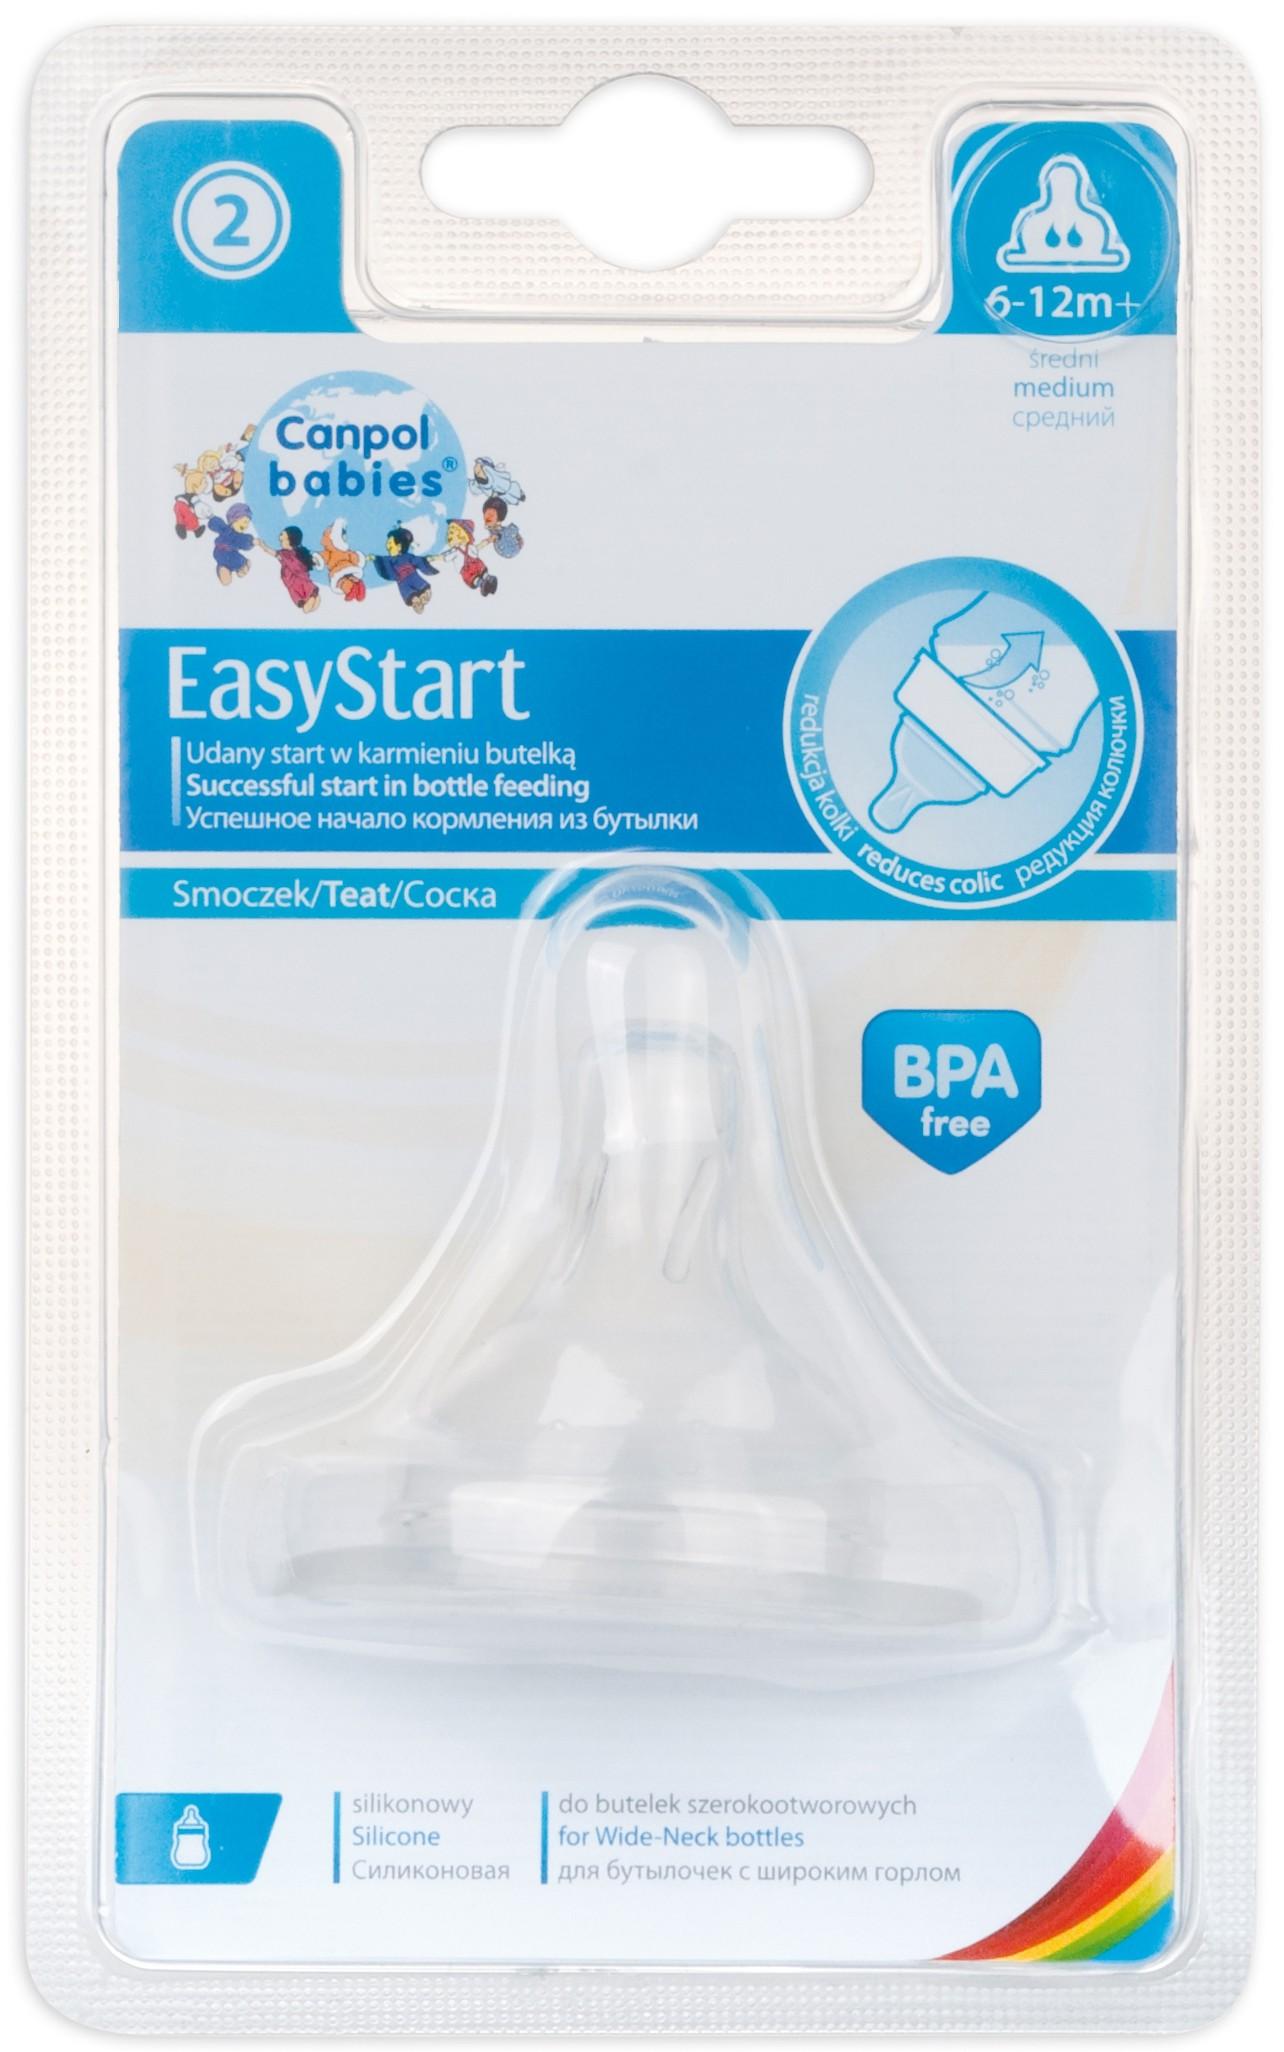 Соска Canpol babies EasyStart ортодонтическая силиконовая 6 мес.+ цены